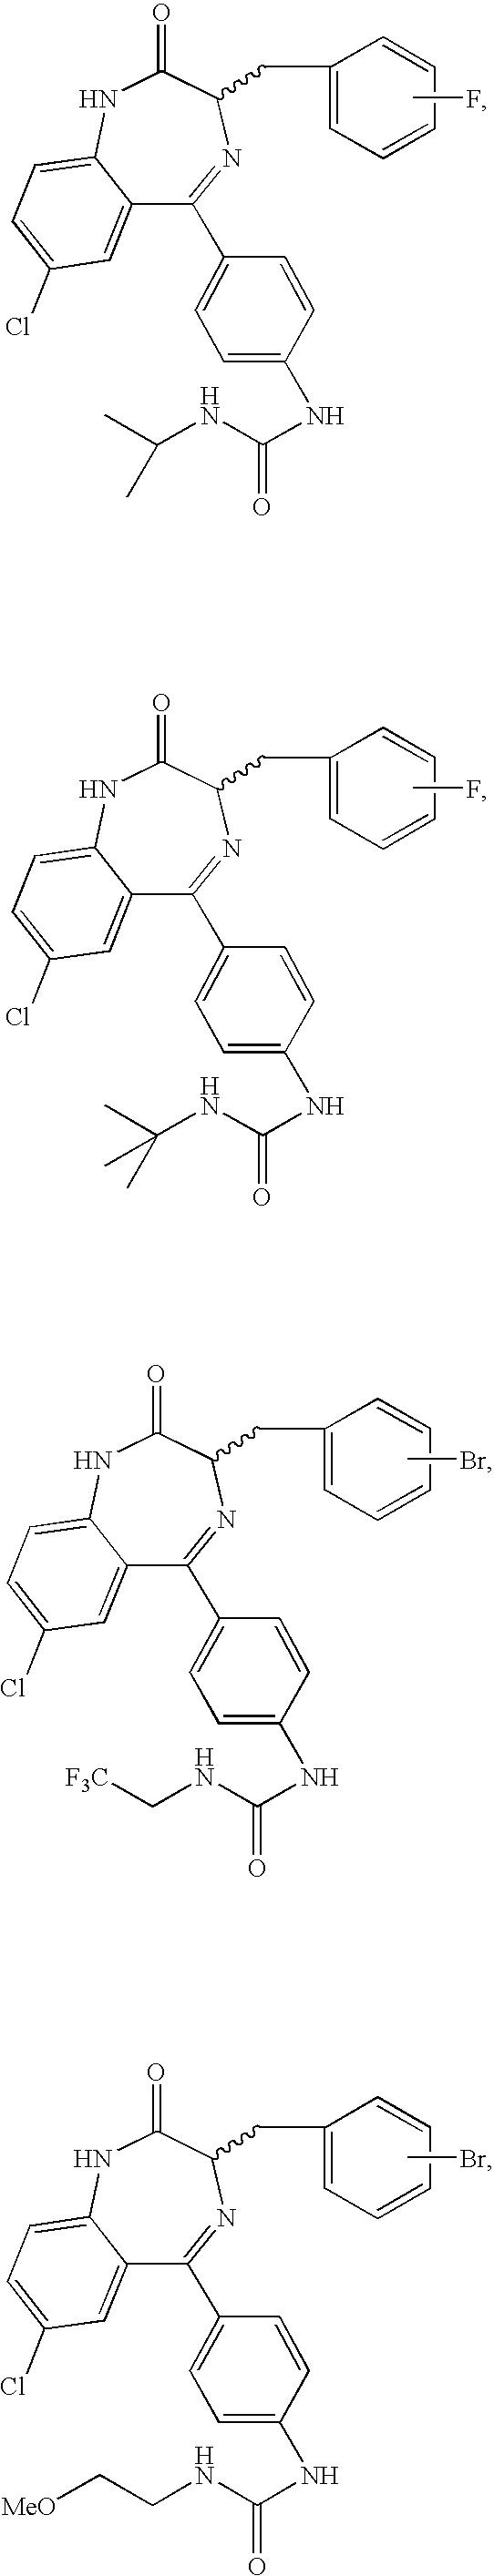 Figure US07851465-20101214-C00024